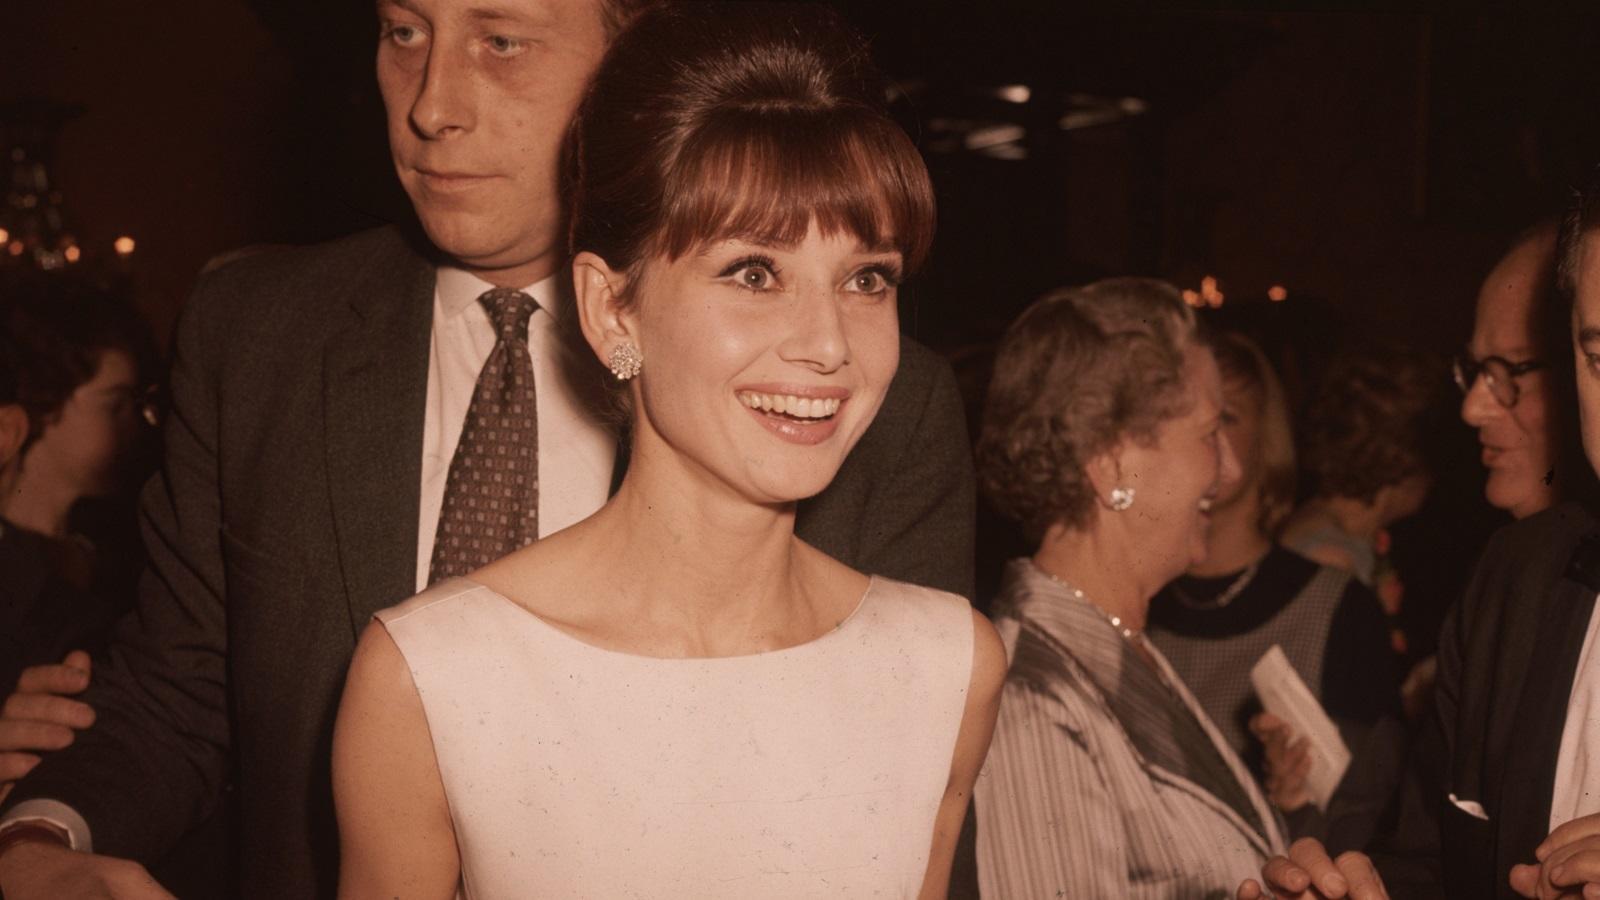 A törékeny alkatú, bájos arcú színésznő szép mosolyával és visszafogott öltözködésével a mai napig sok nő és lány ikonja - annak ellenére, hogy magát túlságosan vékonynak, és nem nem túl csinosnak tartotta. Halála után is abszolút divatikonnak számít. (Getty Images)